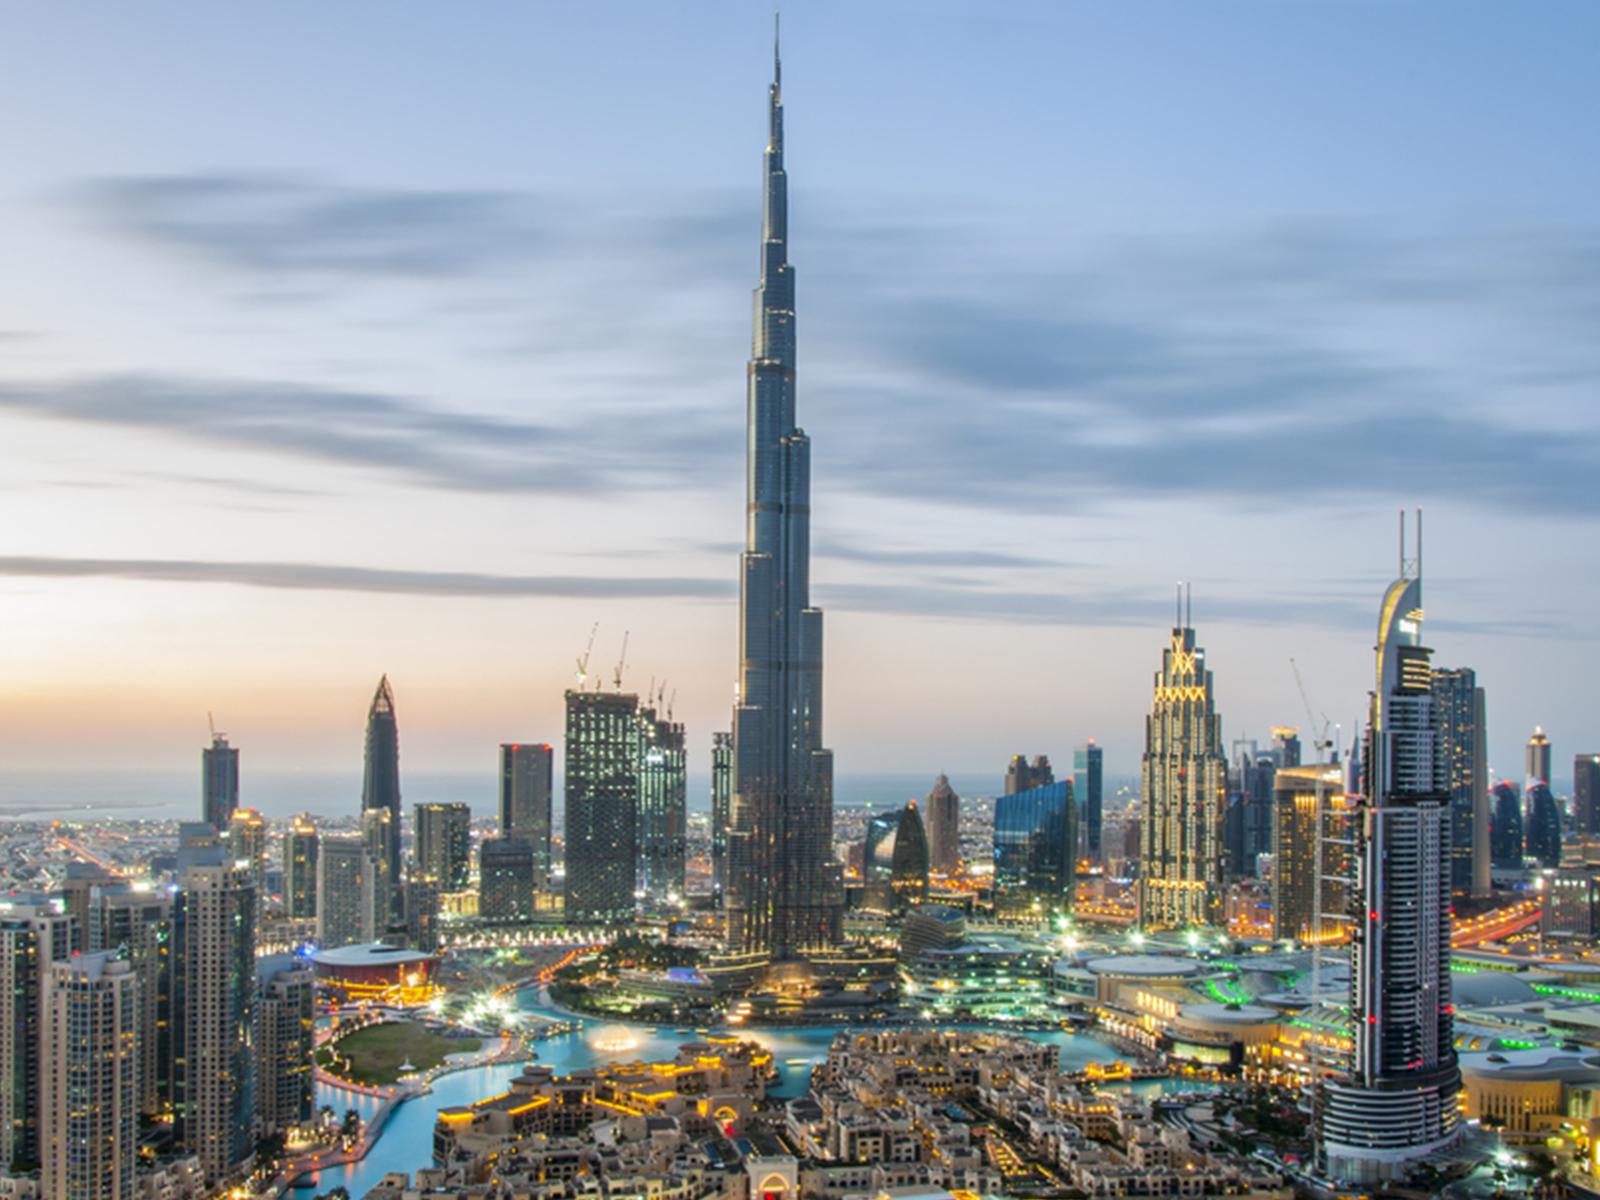 """تتجاوز ثروة دبي الخاصة 517 مليار دولار مع جذب الإمارات للأثرياء بوضع """"الملاذ الآمن"""""""